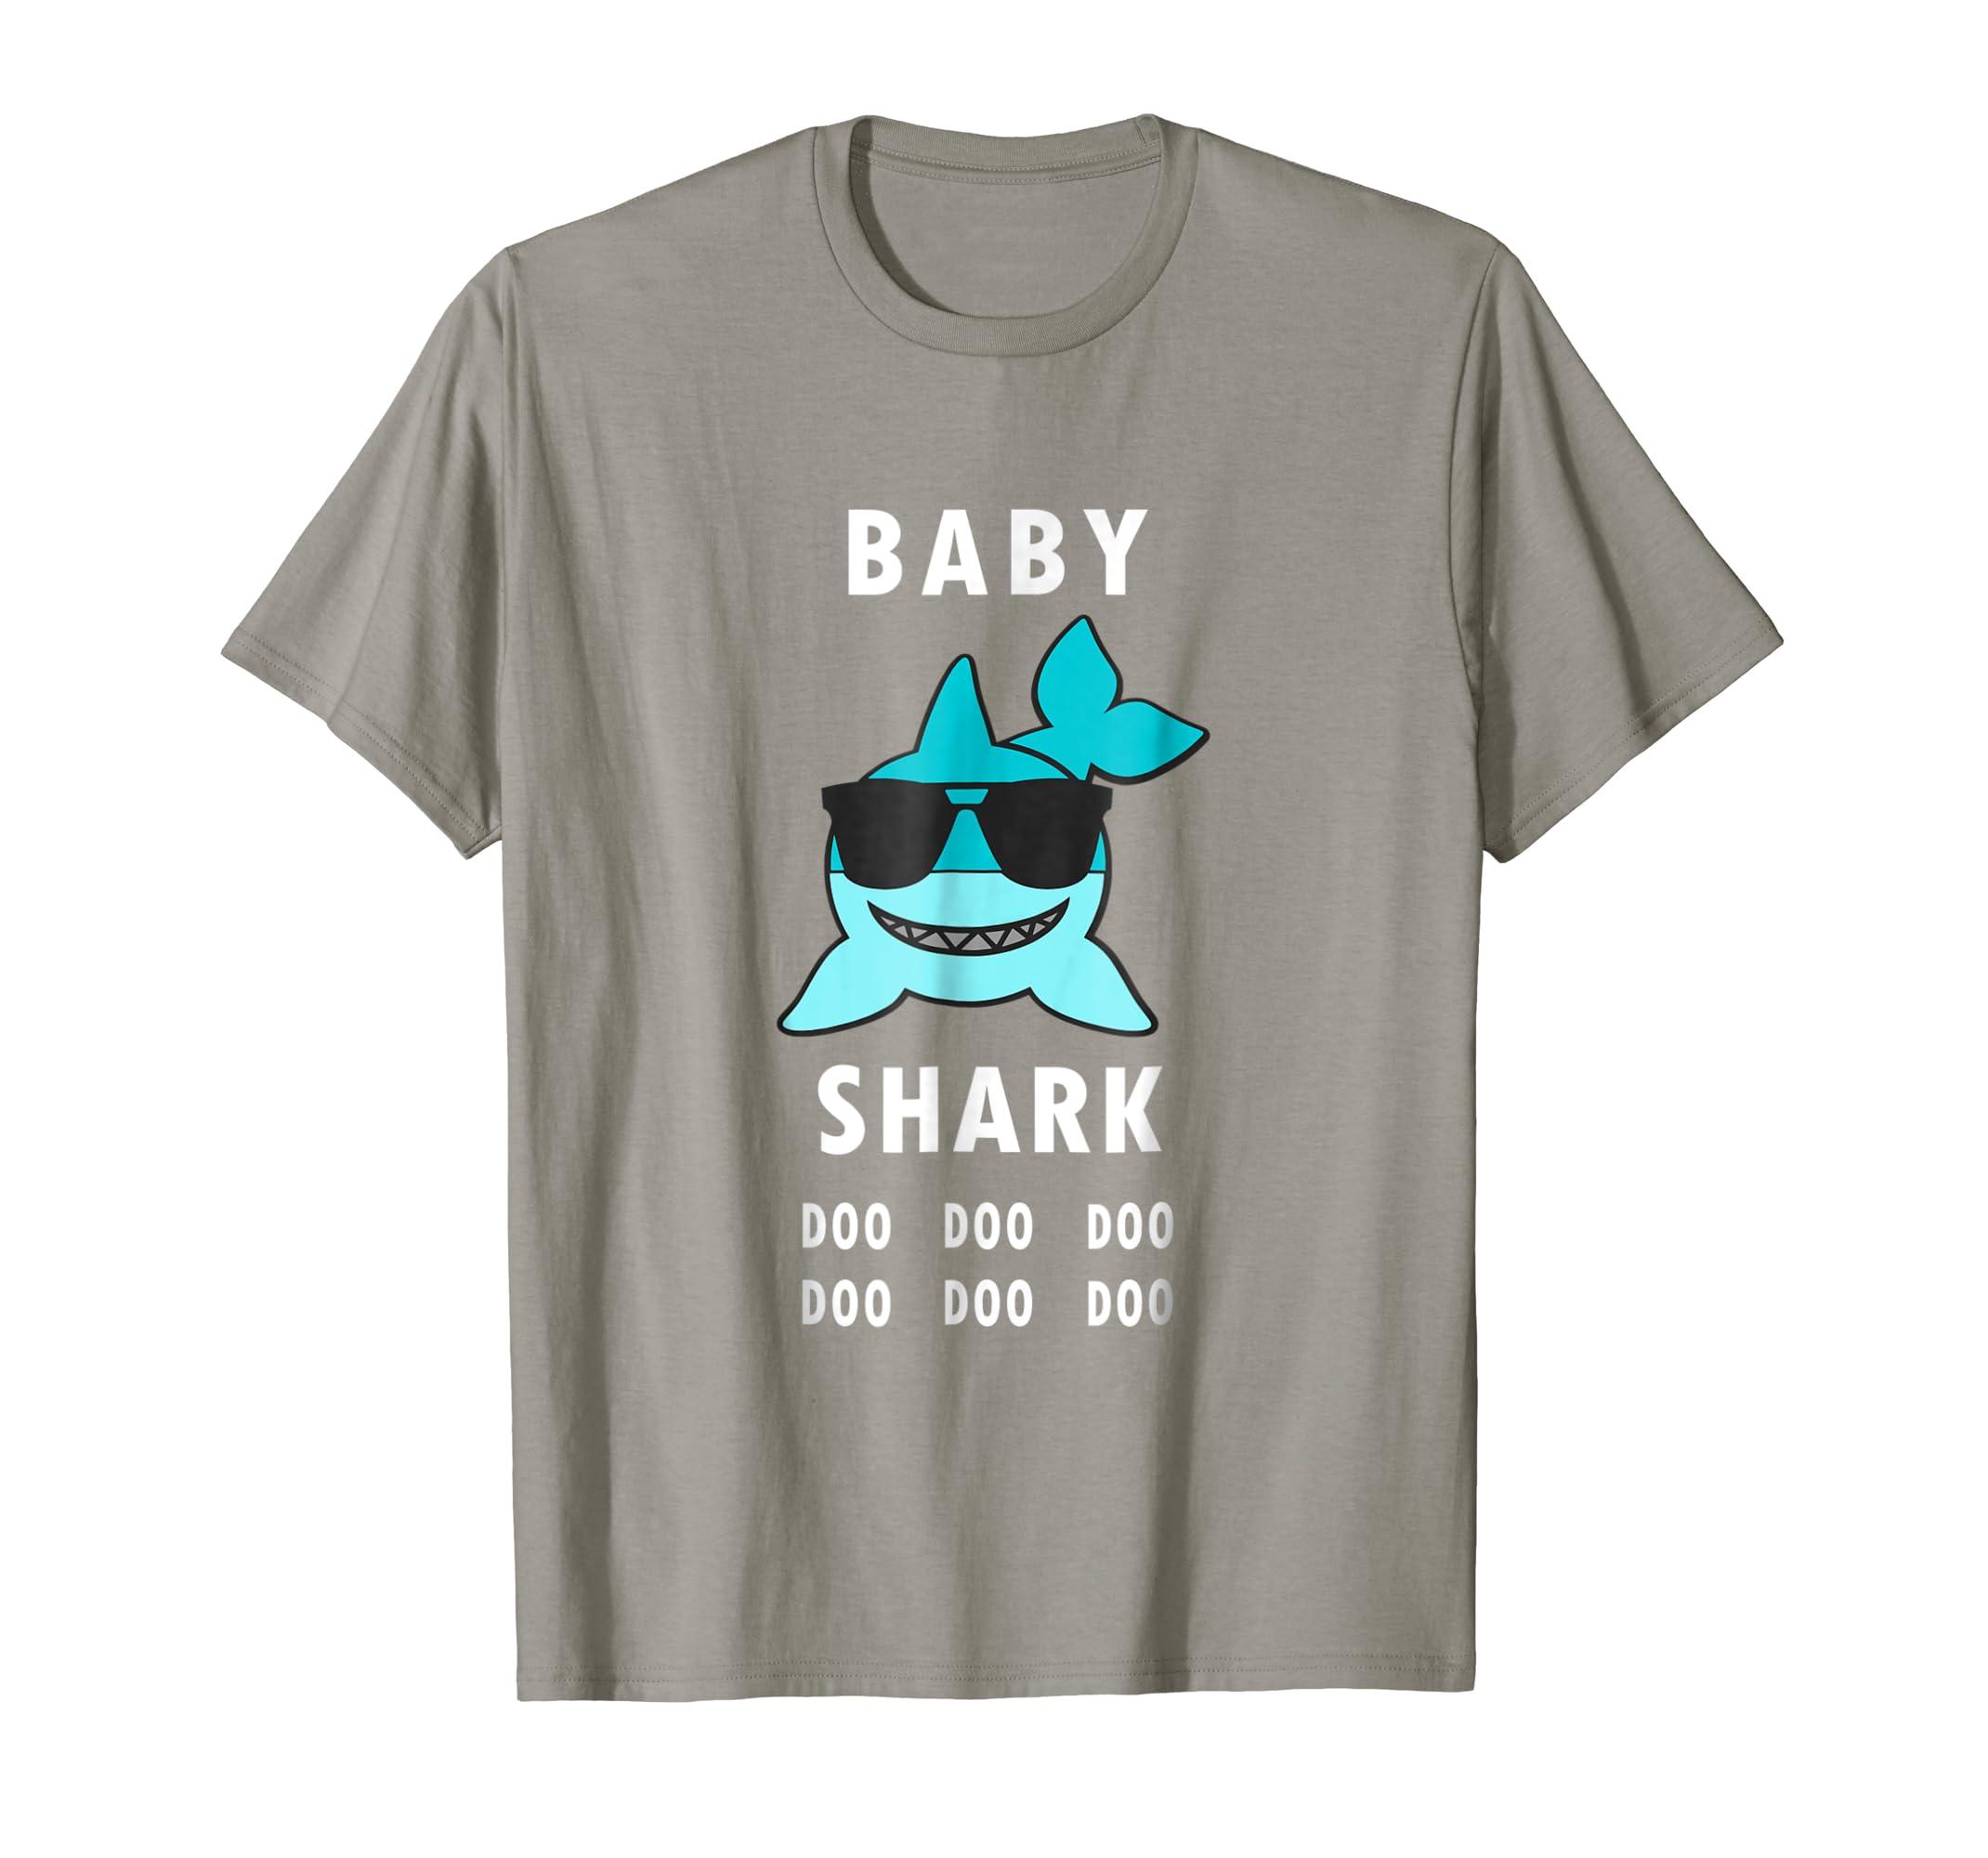 6dc7f52f1 Baby Shark Doo Doo Doo Kids Matching Family T-Shirt-fa — Kuxovo